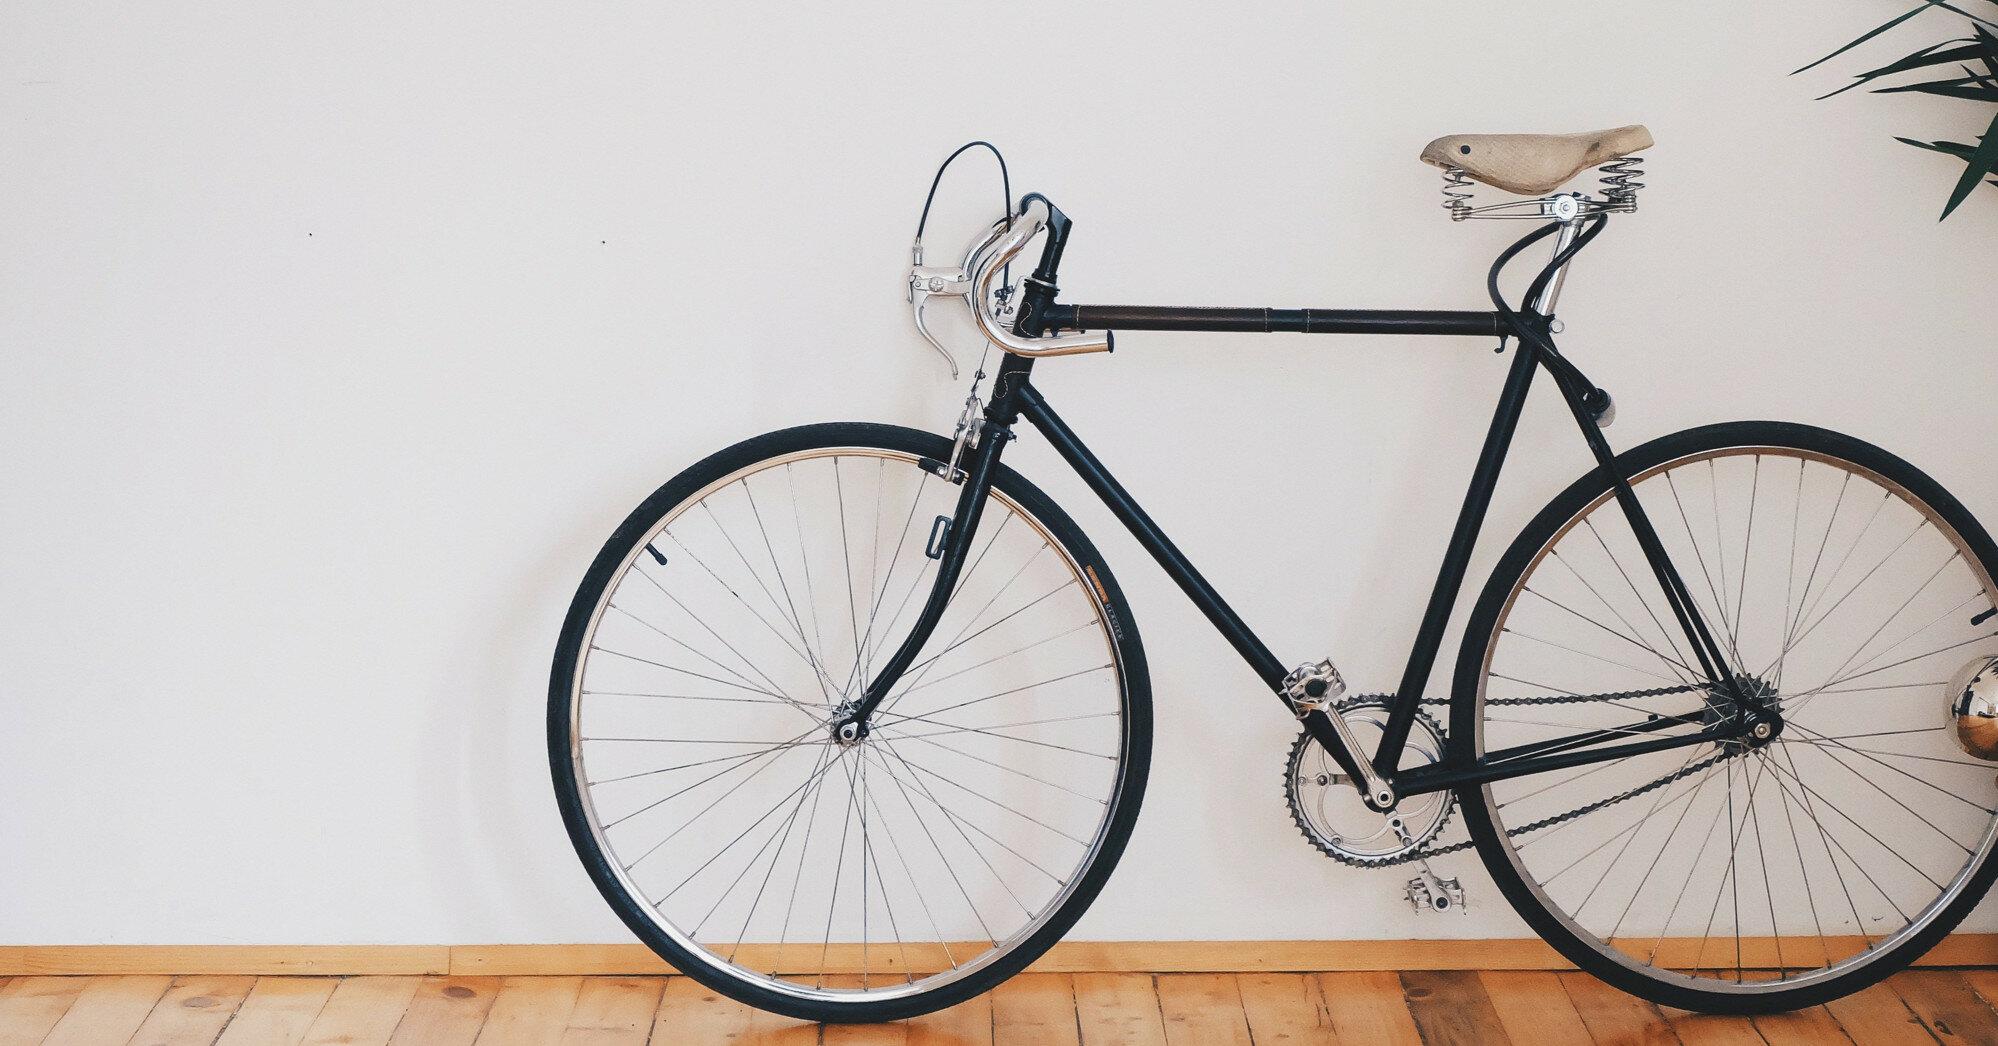 Мир оказался на грани дефицита велосипедов